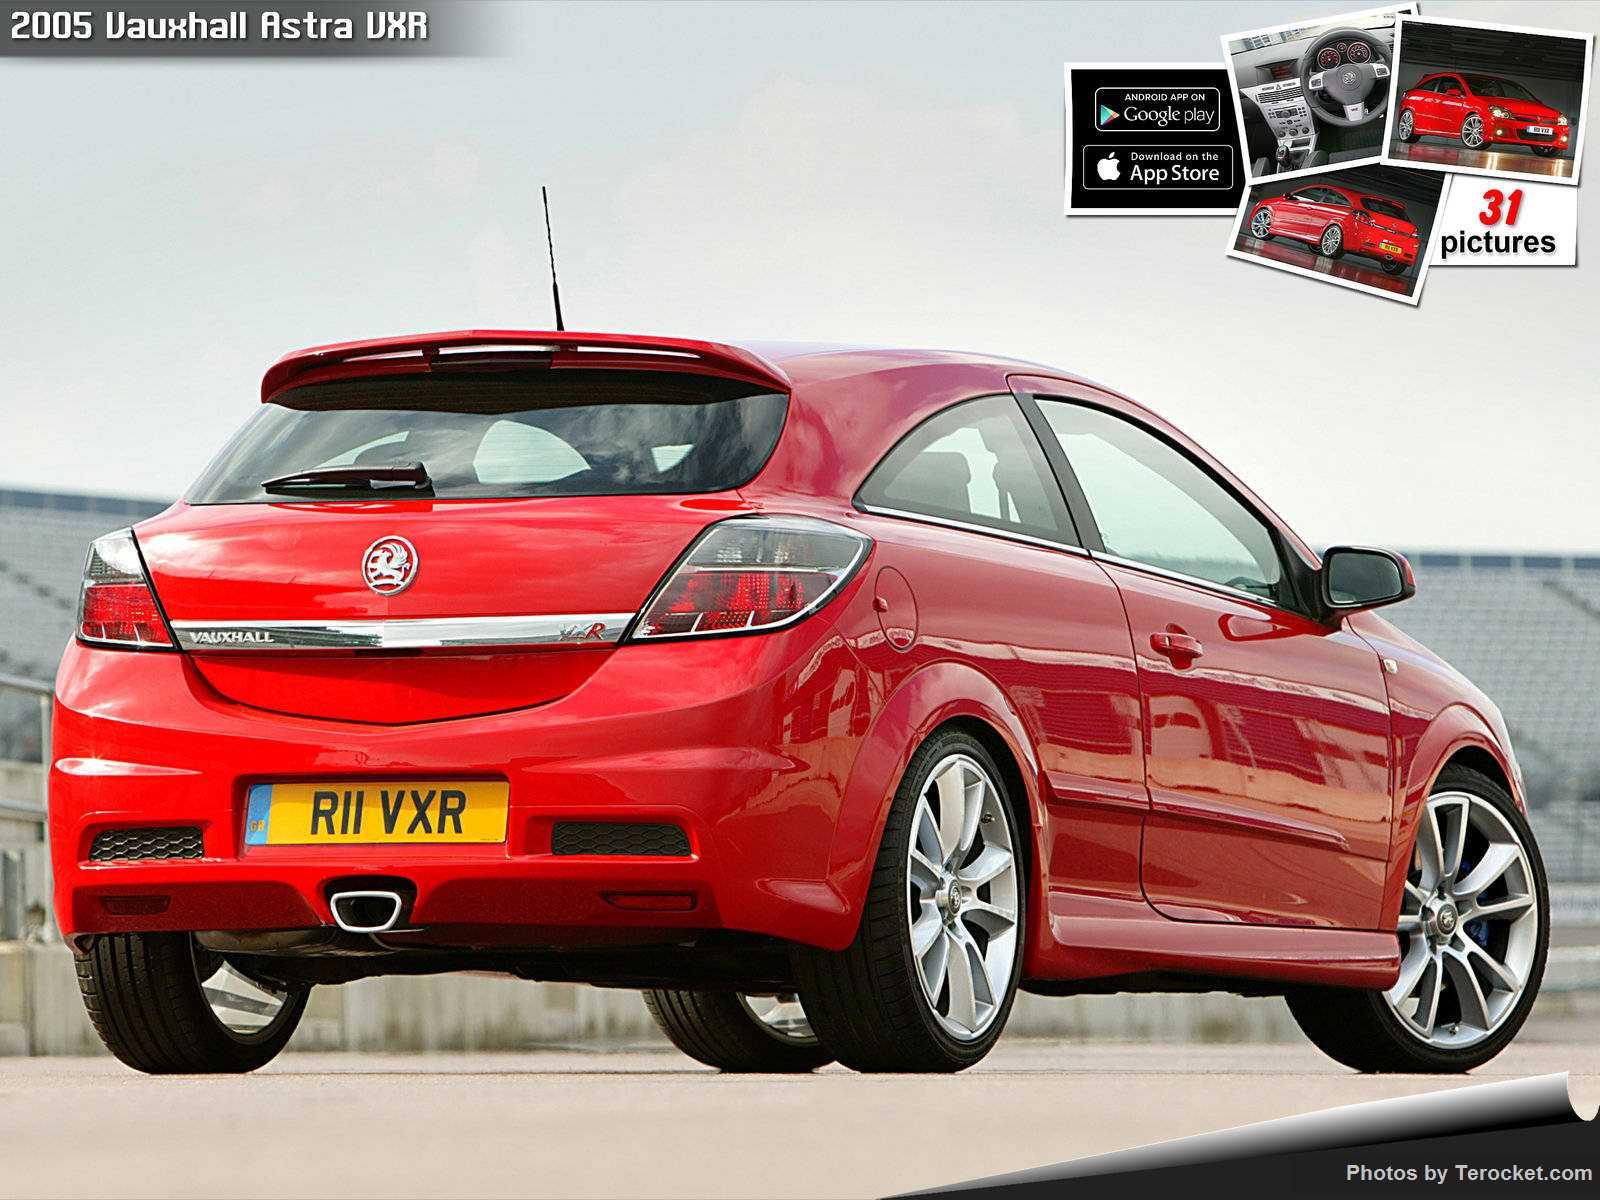 Hình ảnh xe ô tô Vauxhall Astra VXR 2005 & nội ngoại thất